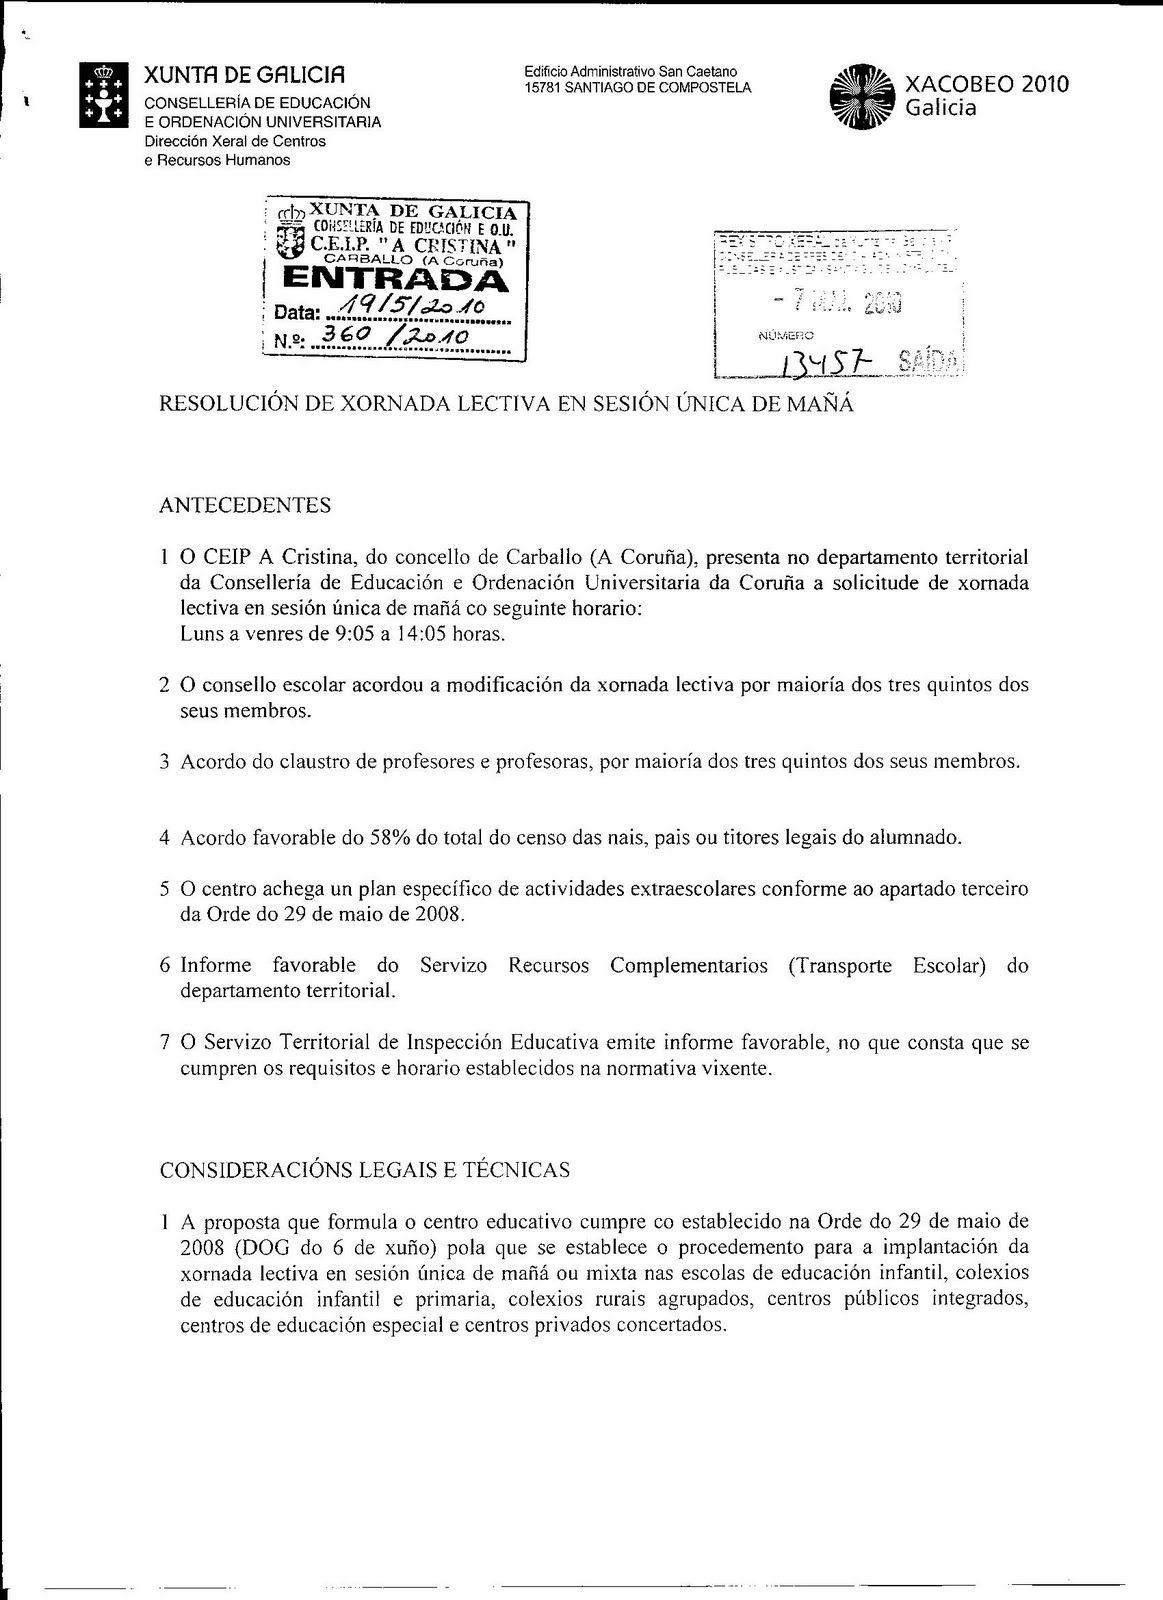 6 Documento De Juicio Informes De Resolución única Administrativas Recursos Humanos Exámenes Finales